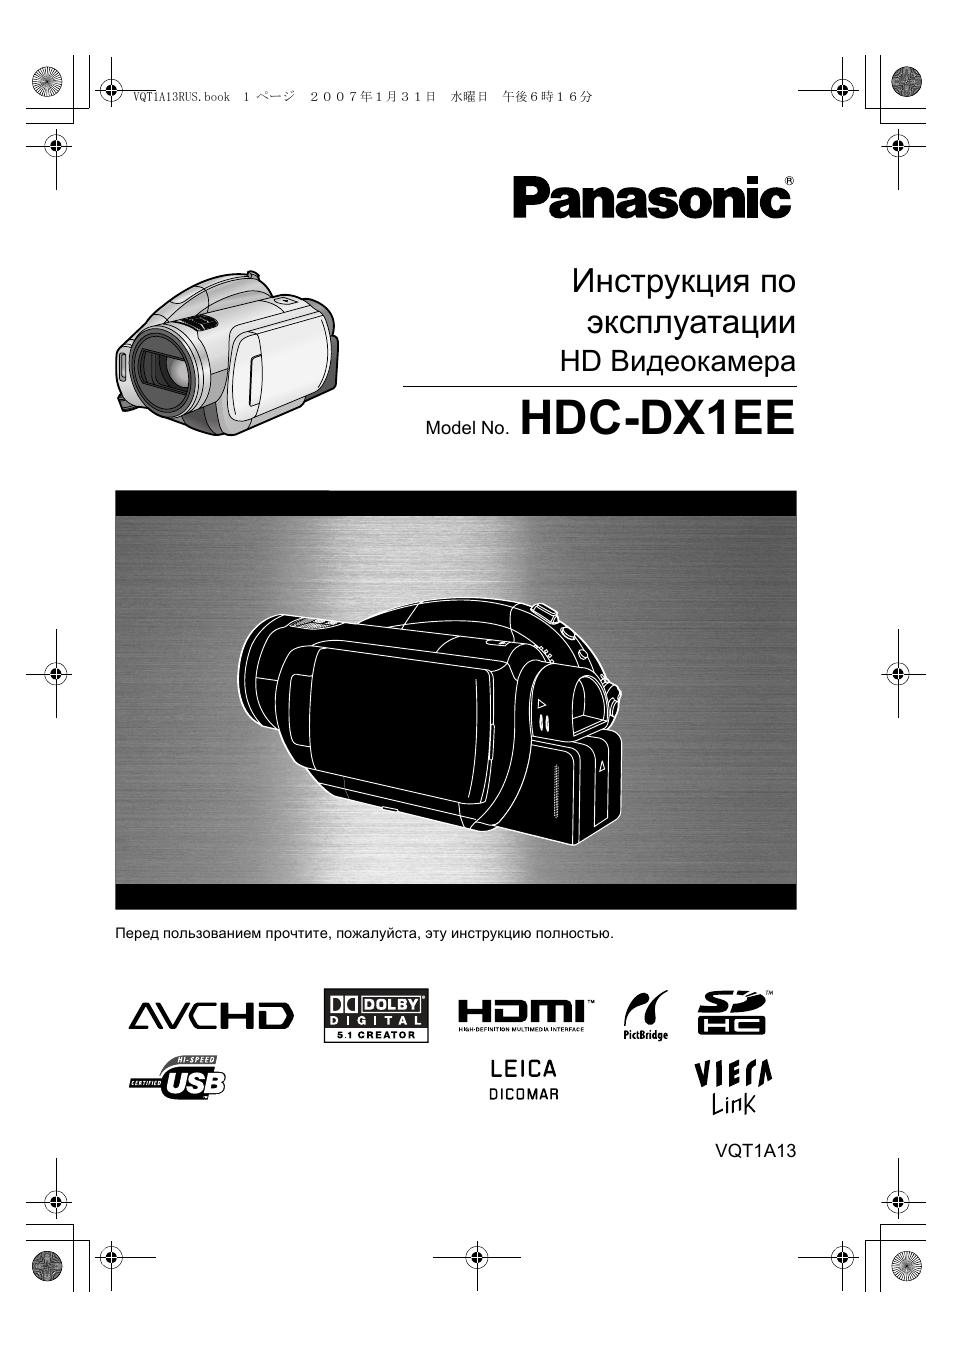 Инструкция по эксплуатации HD Видеокамера Mоdel No. HDC.